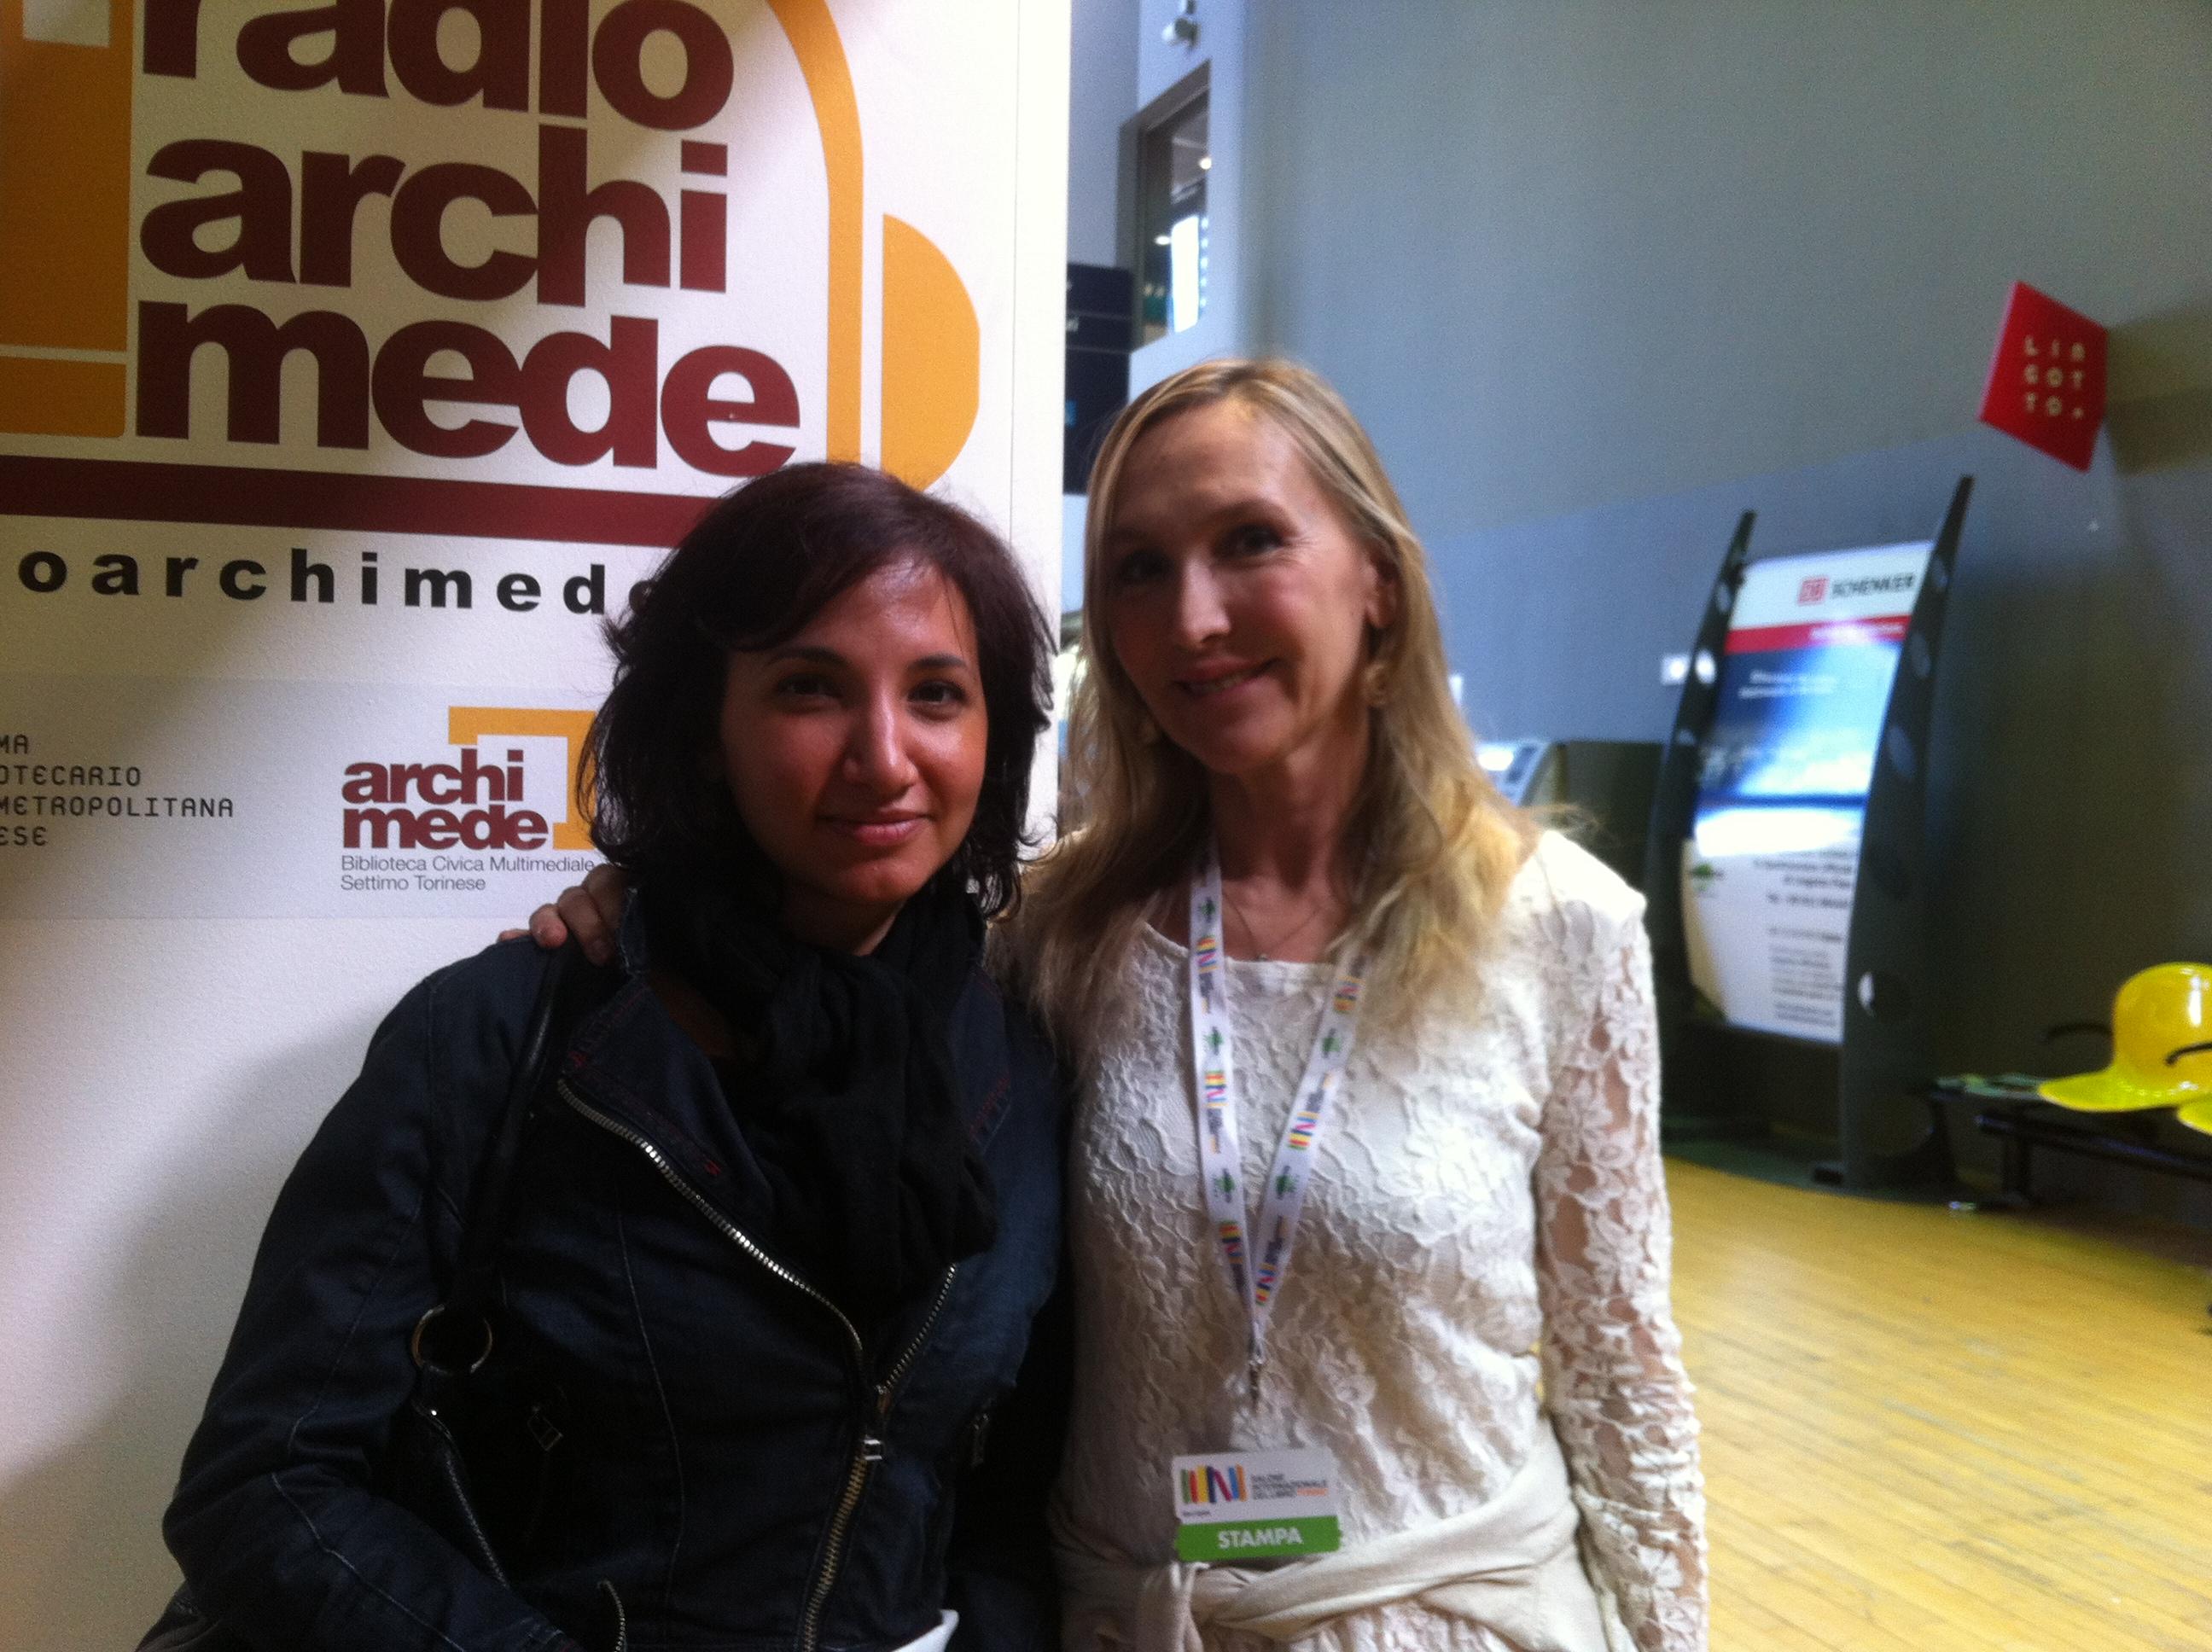 """Emanuela e Chiara, crowdfunding manager per """"Compro Oro"""""""